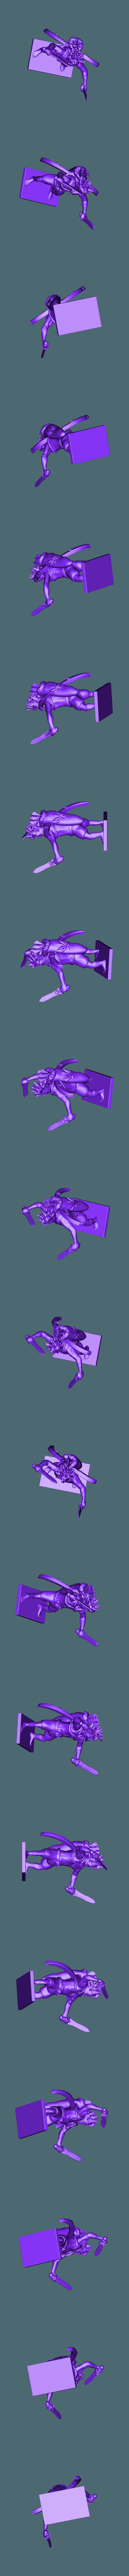 new_dar_dual_wield.stl Download free STL file Wood Elf Ranger • Object to 3D print, Pza4Rza